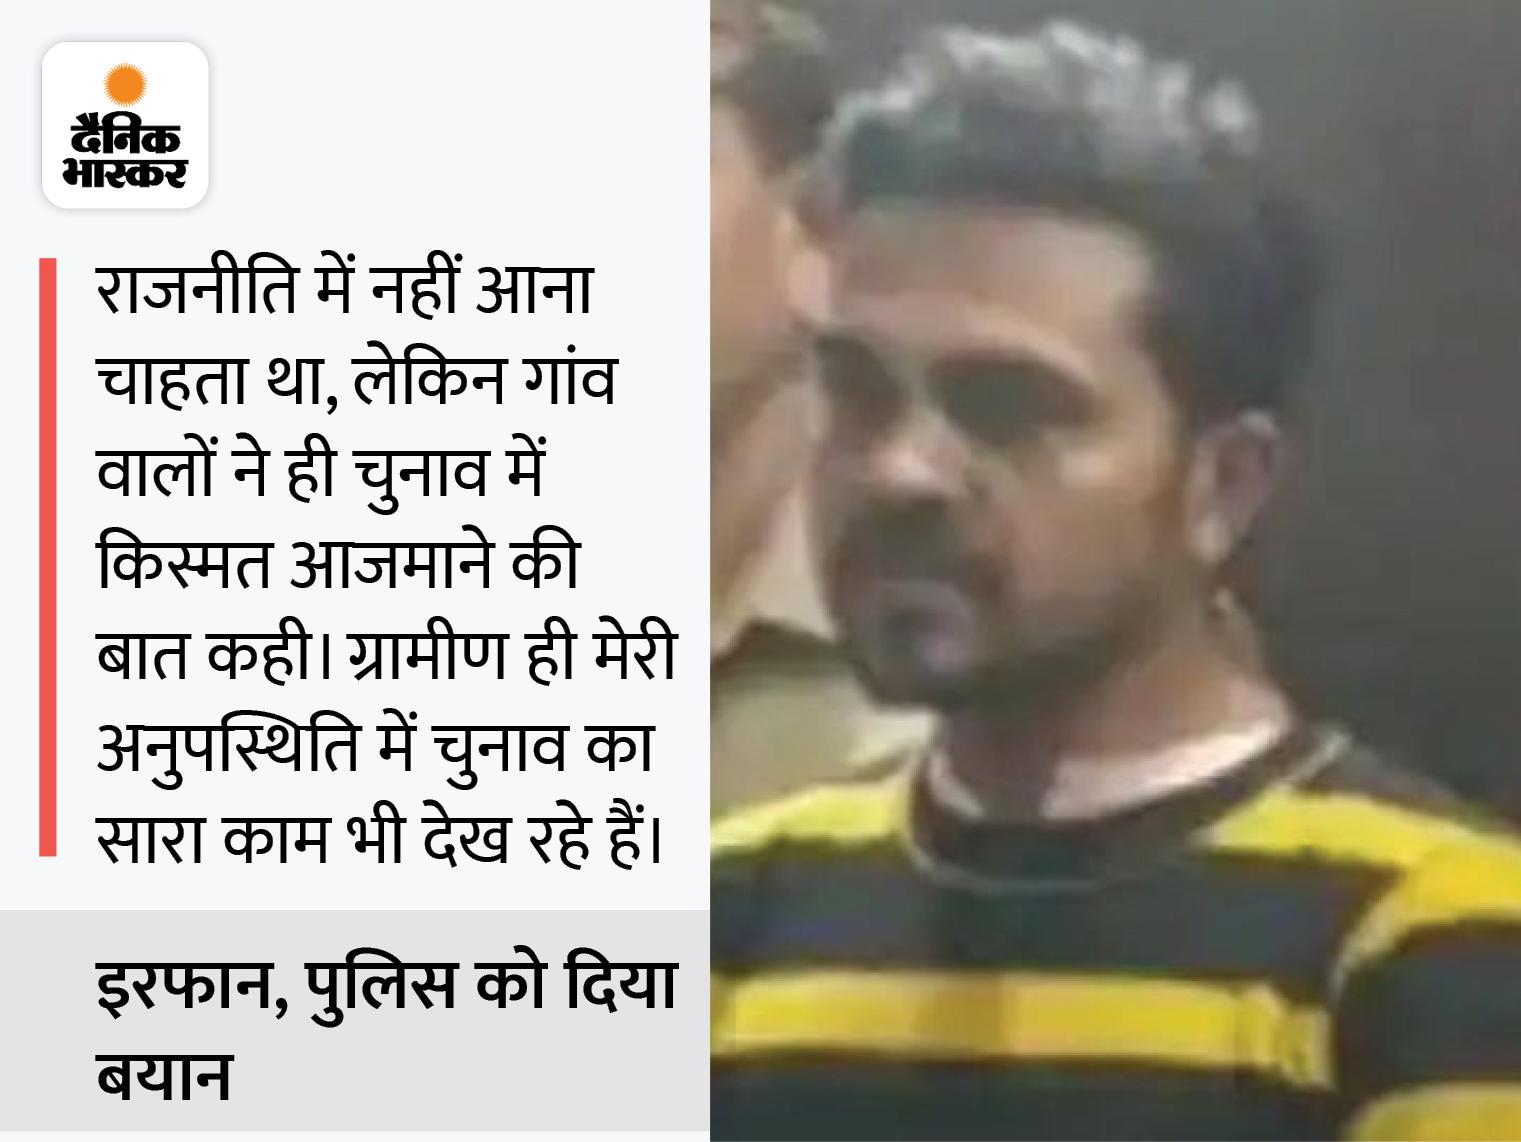 चोरी के 1 करोड़ रुपए से 7 गांवों की सड़कें बनवाईं, लोगों ने मसीहा समझ पत्नी को लड़ाया चुनाव देश,National - Dainik Bhaskar